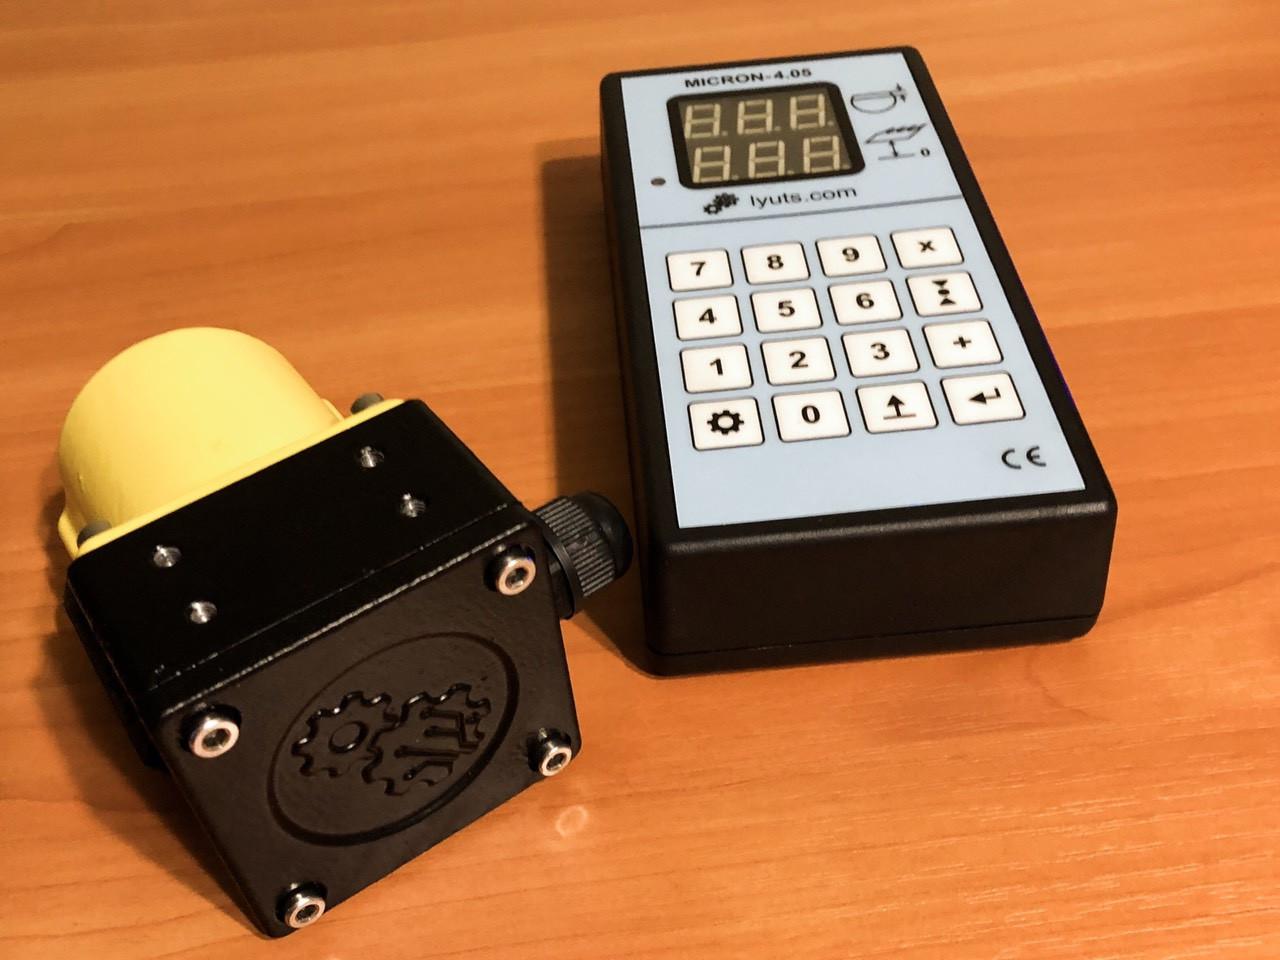 """Электронная линейка на пилораму """"Micron-4.05"""" + PRT-300 датчик"""